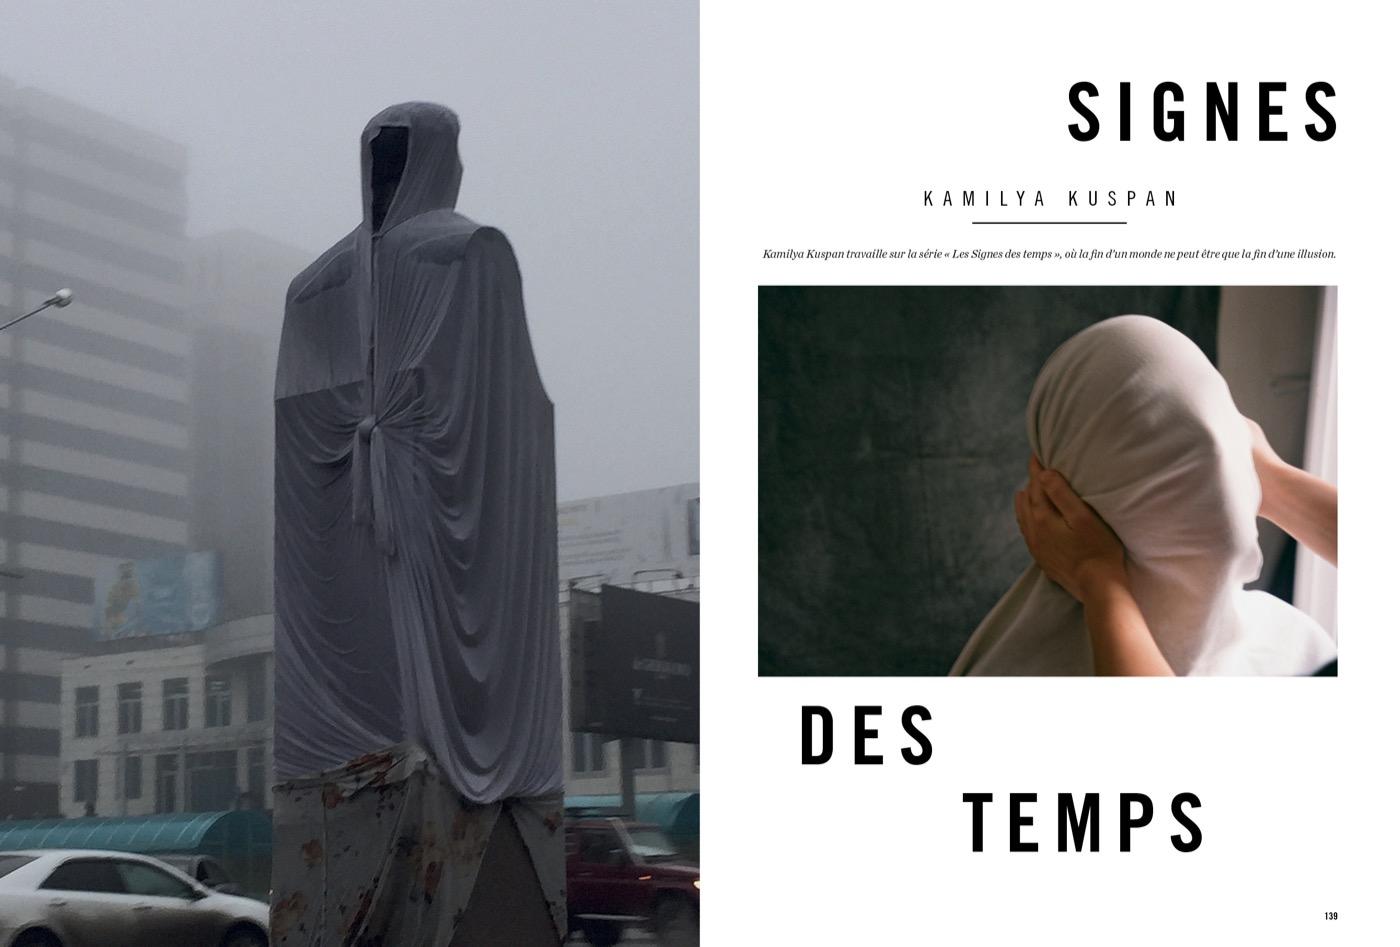 Photographies de Kamilya Kuspan, Signes des temps